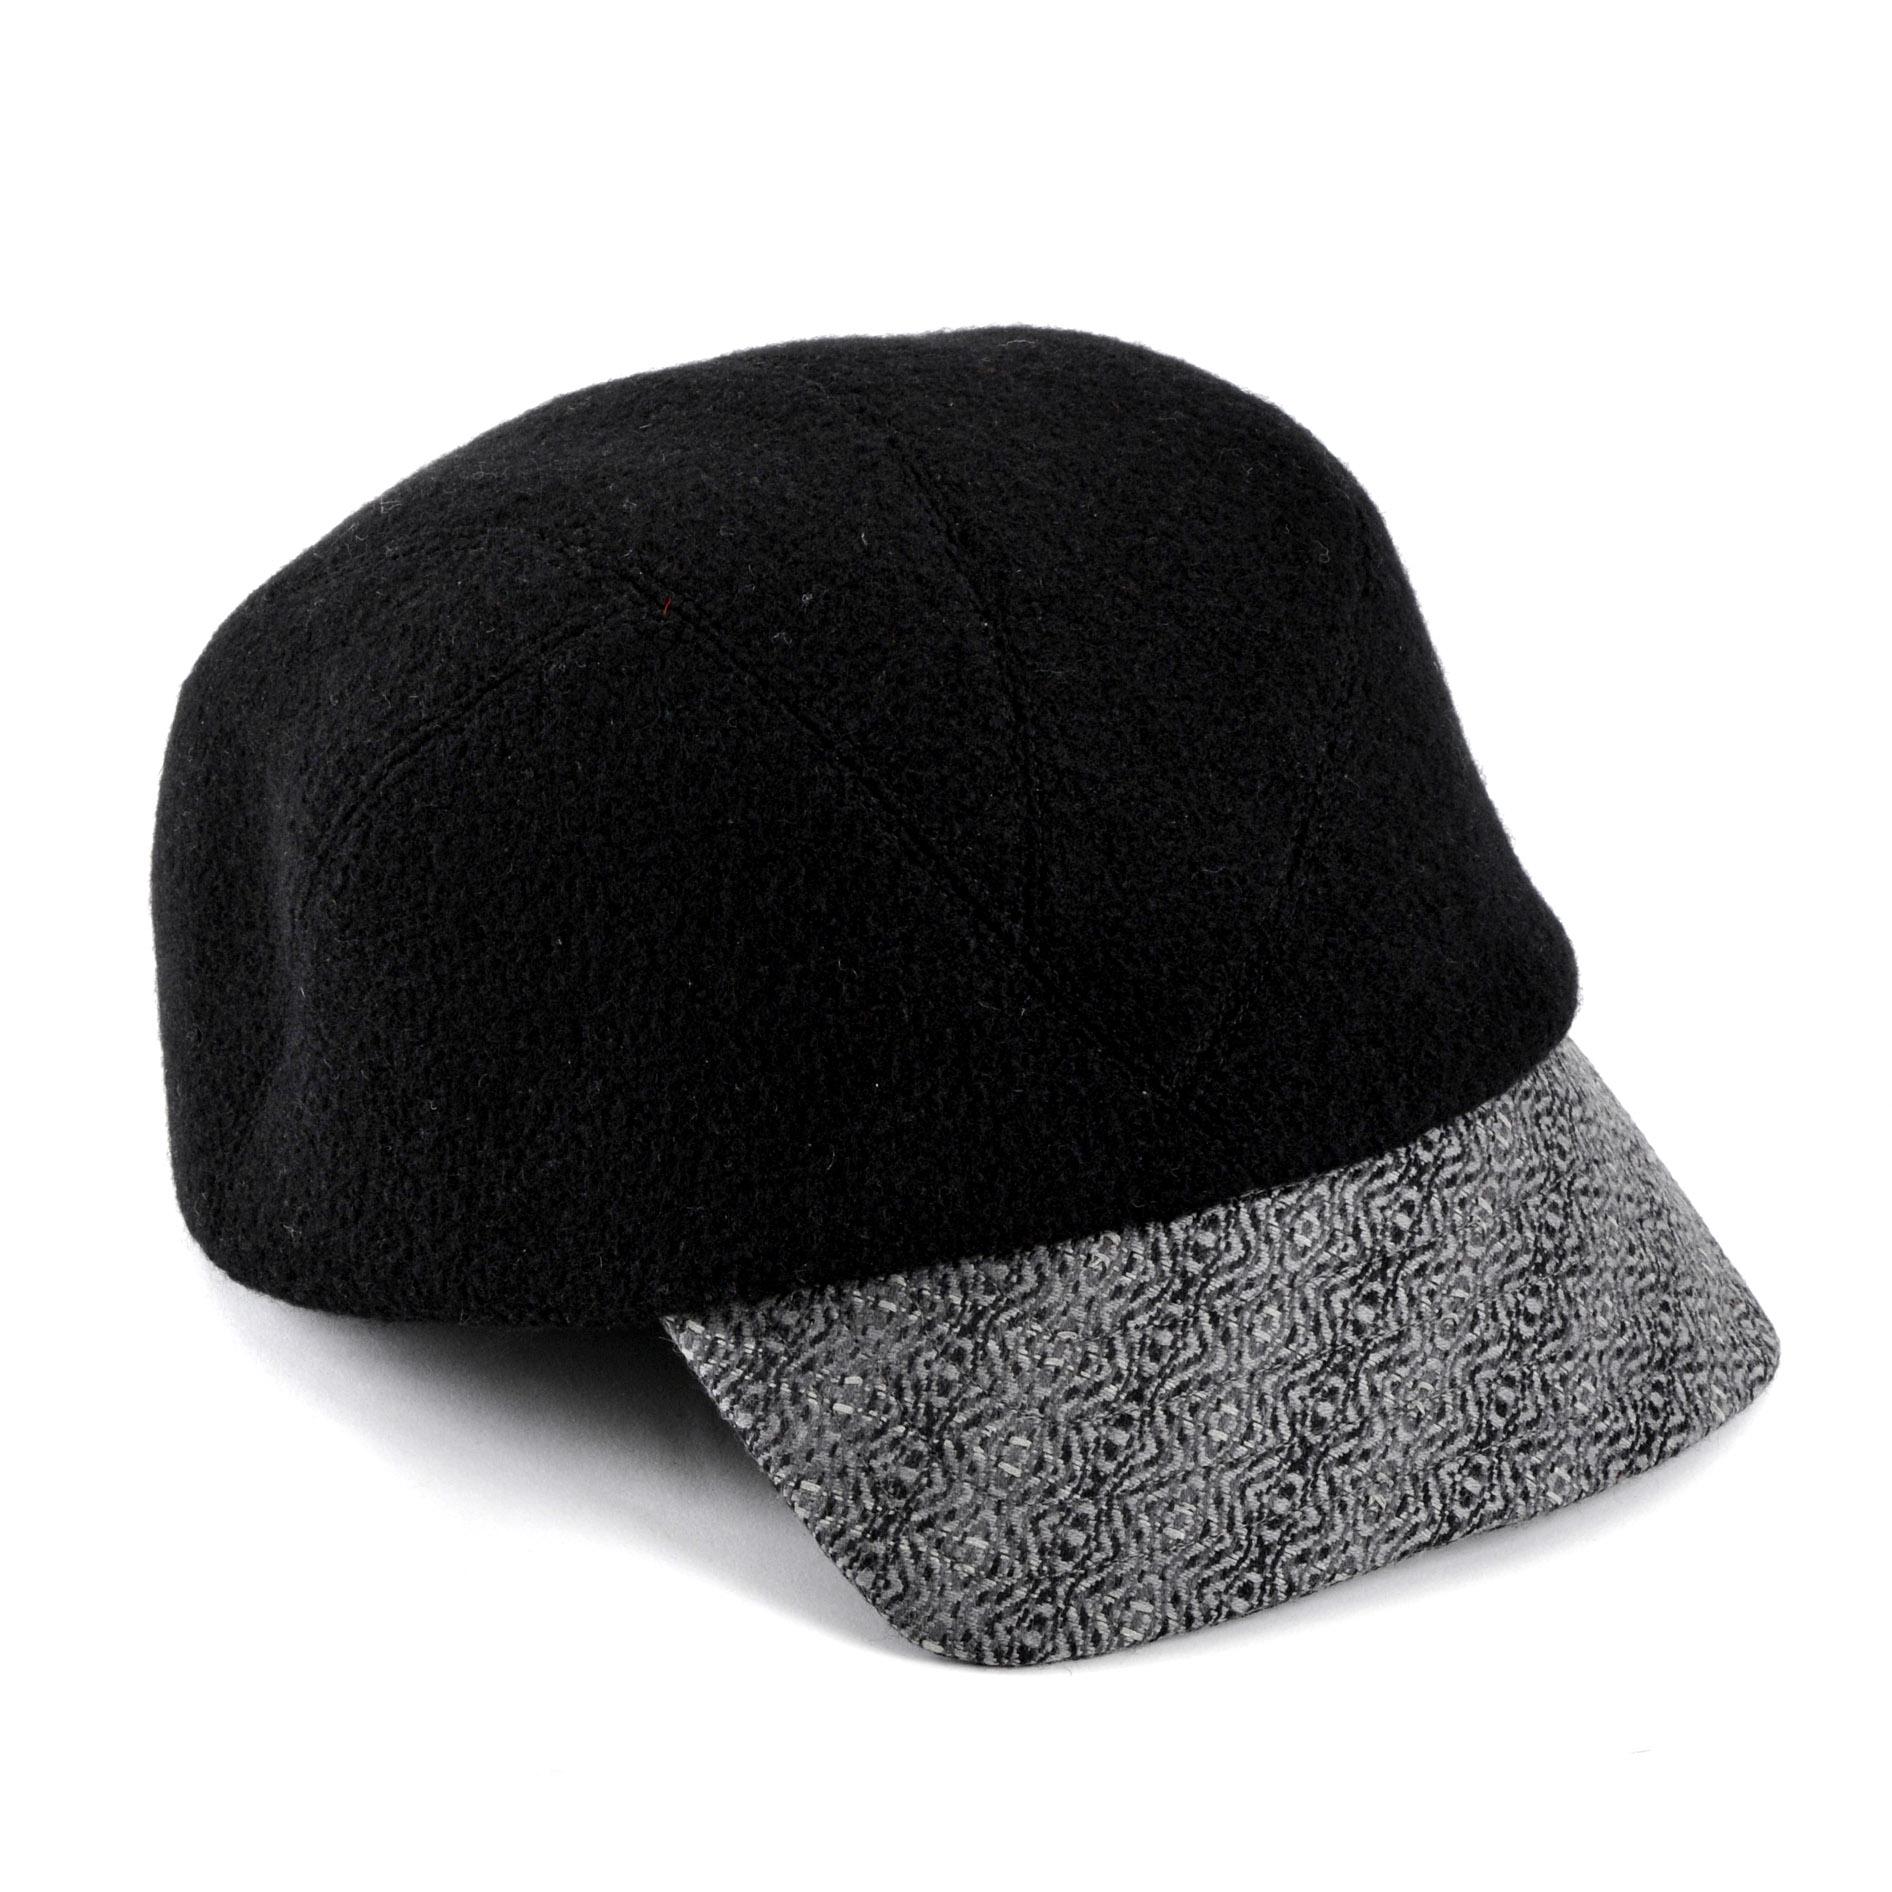 'Alonso/dashing' peaked cap